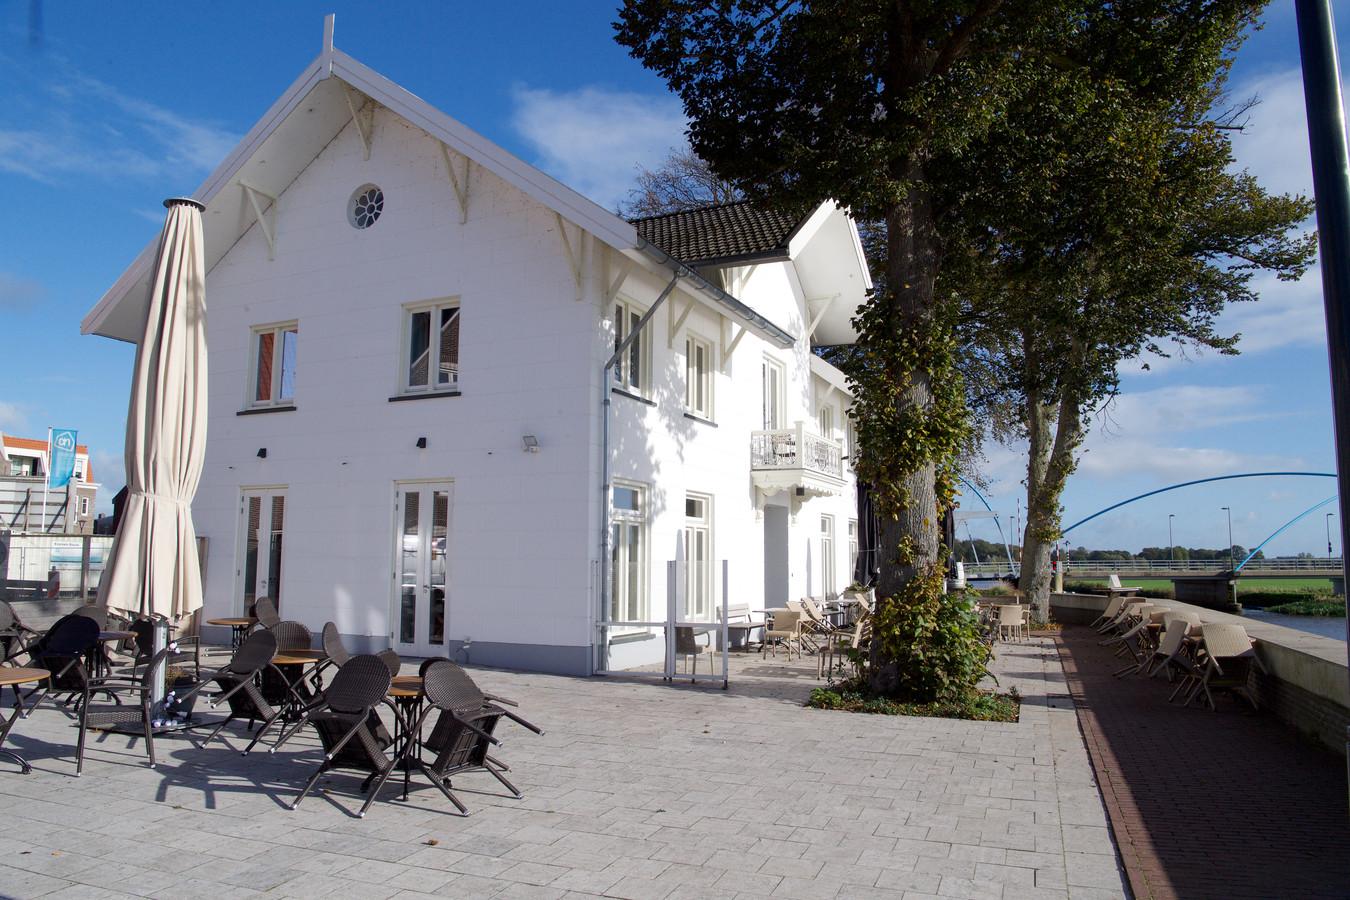 De markante witte villa waarin Hendrik's Kitchen was gevestigd.